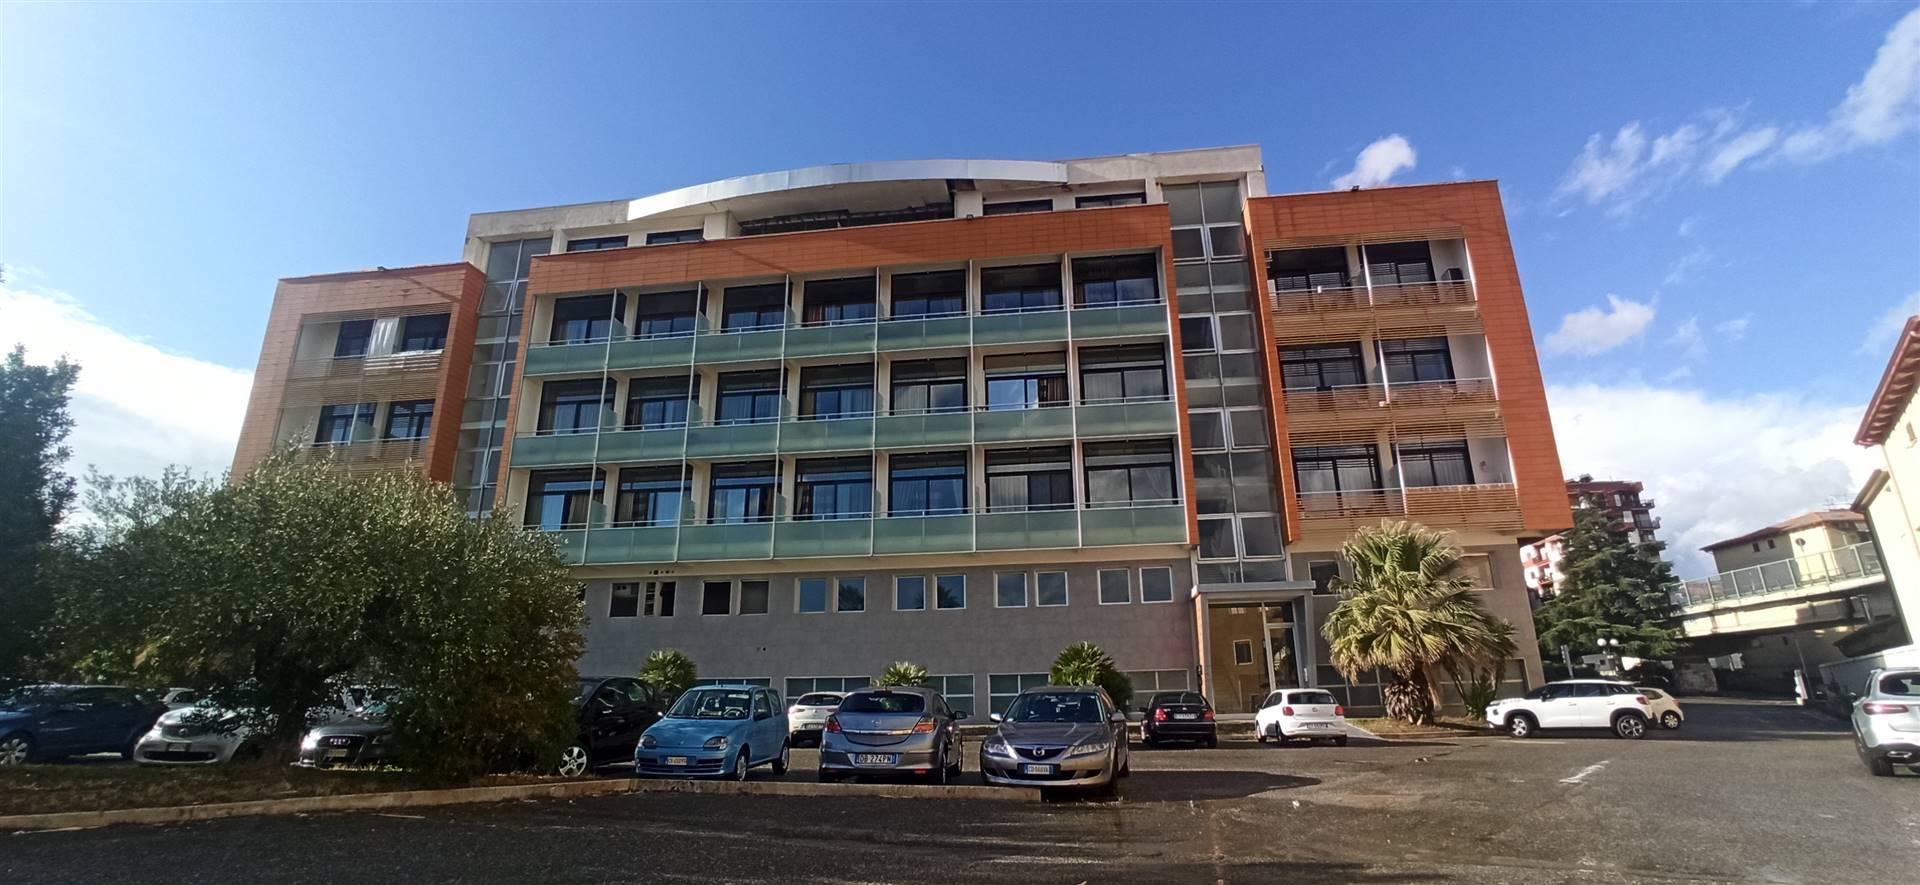 Appartamento in affitto a Rende, 2 locali, zona Zona: Roges, prezzo € 350 | CambioCasa.it